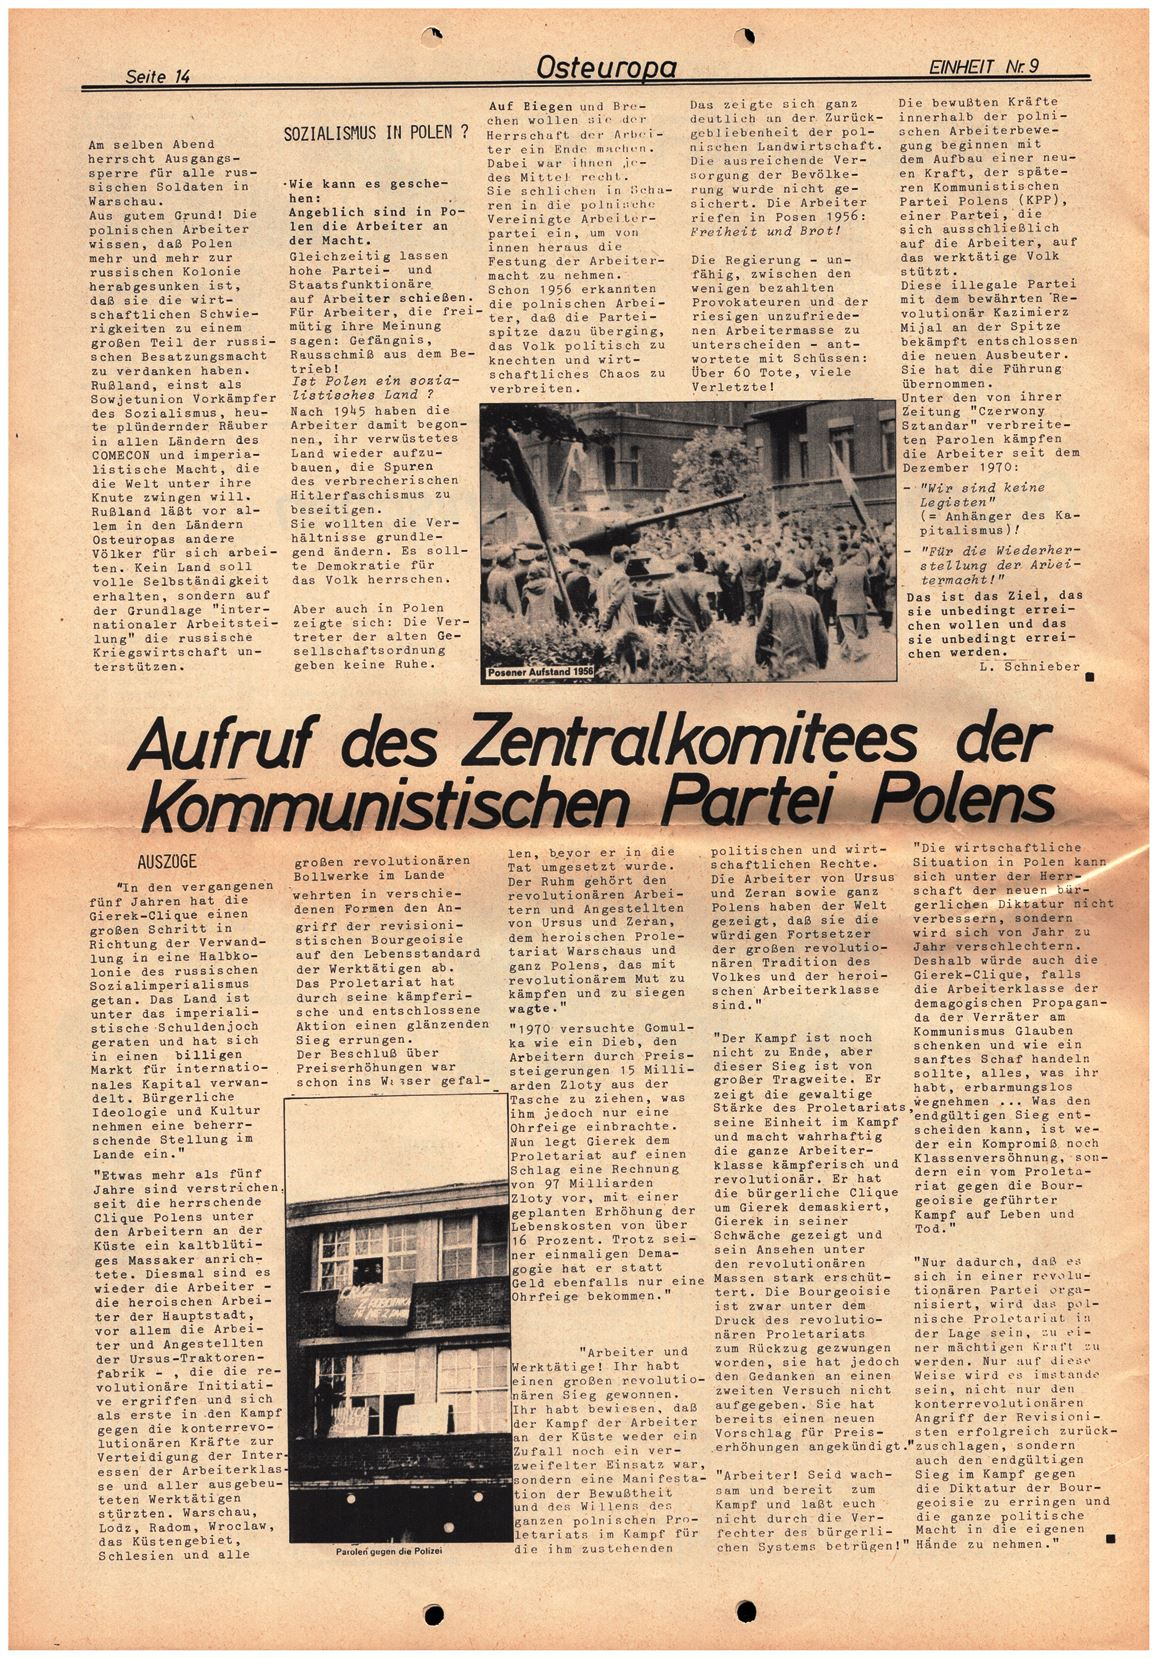 Koeln_IPdA_Einheit_1976_009_014